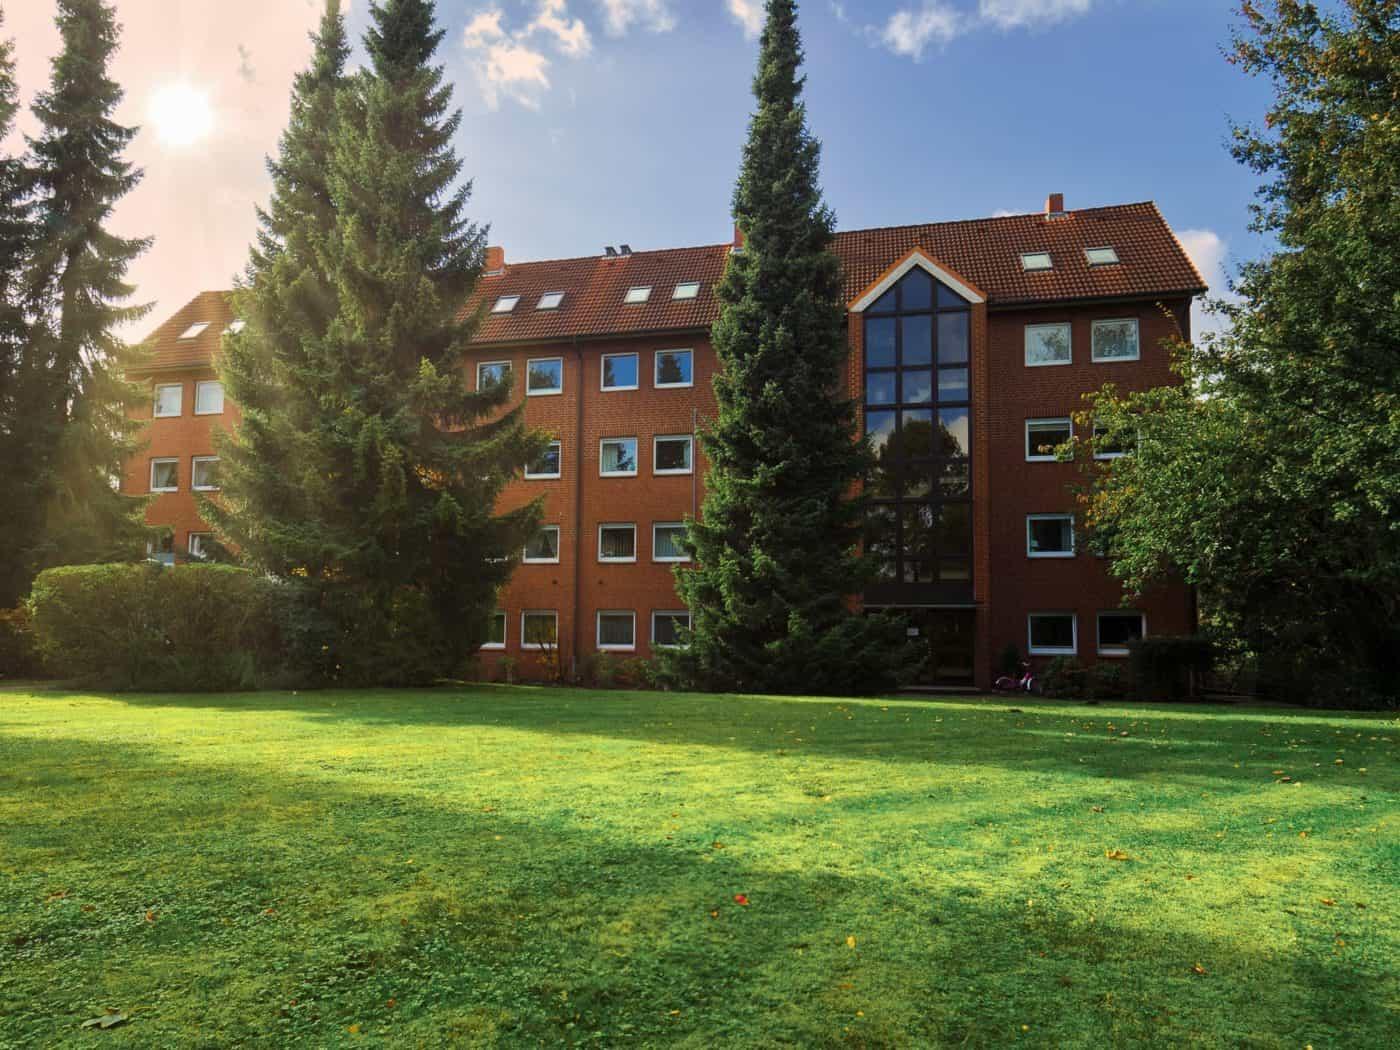 Immobilienmakler | | Maisonette-Wohnung in Quickborn mit traumhaften Blick ins Grüne | Quickborn | Ellerau | Bönningstedt | Hamburg | Norderstedt | Pinneberg